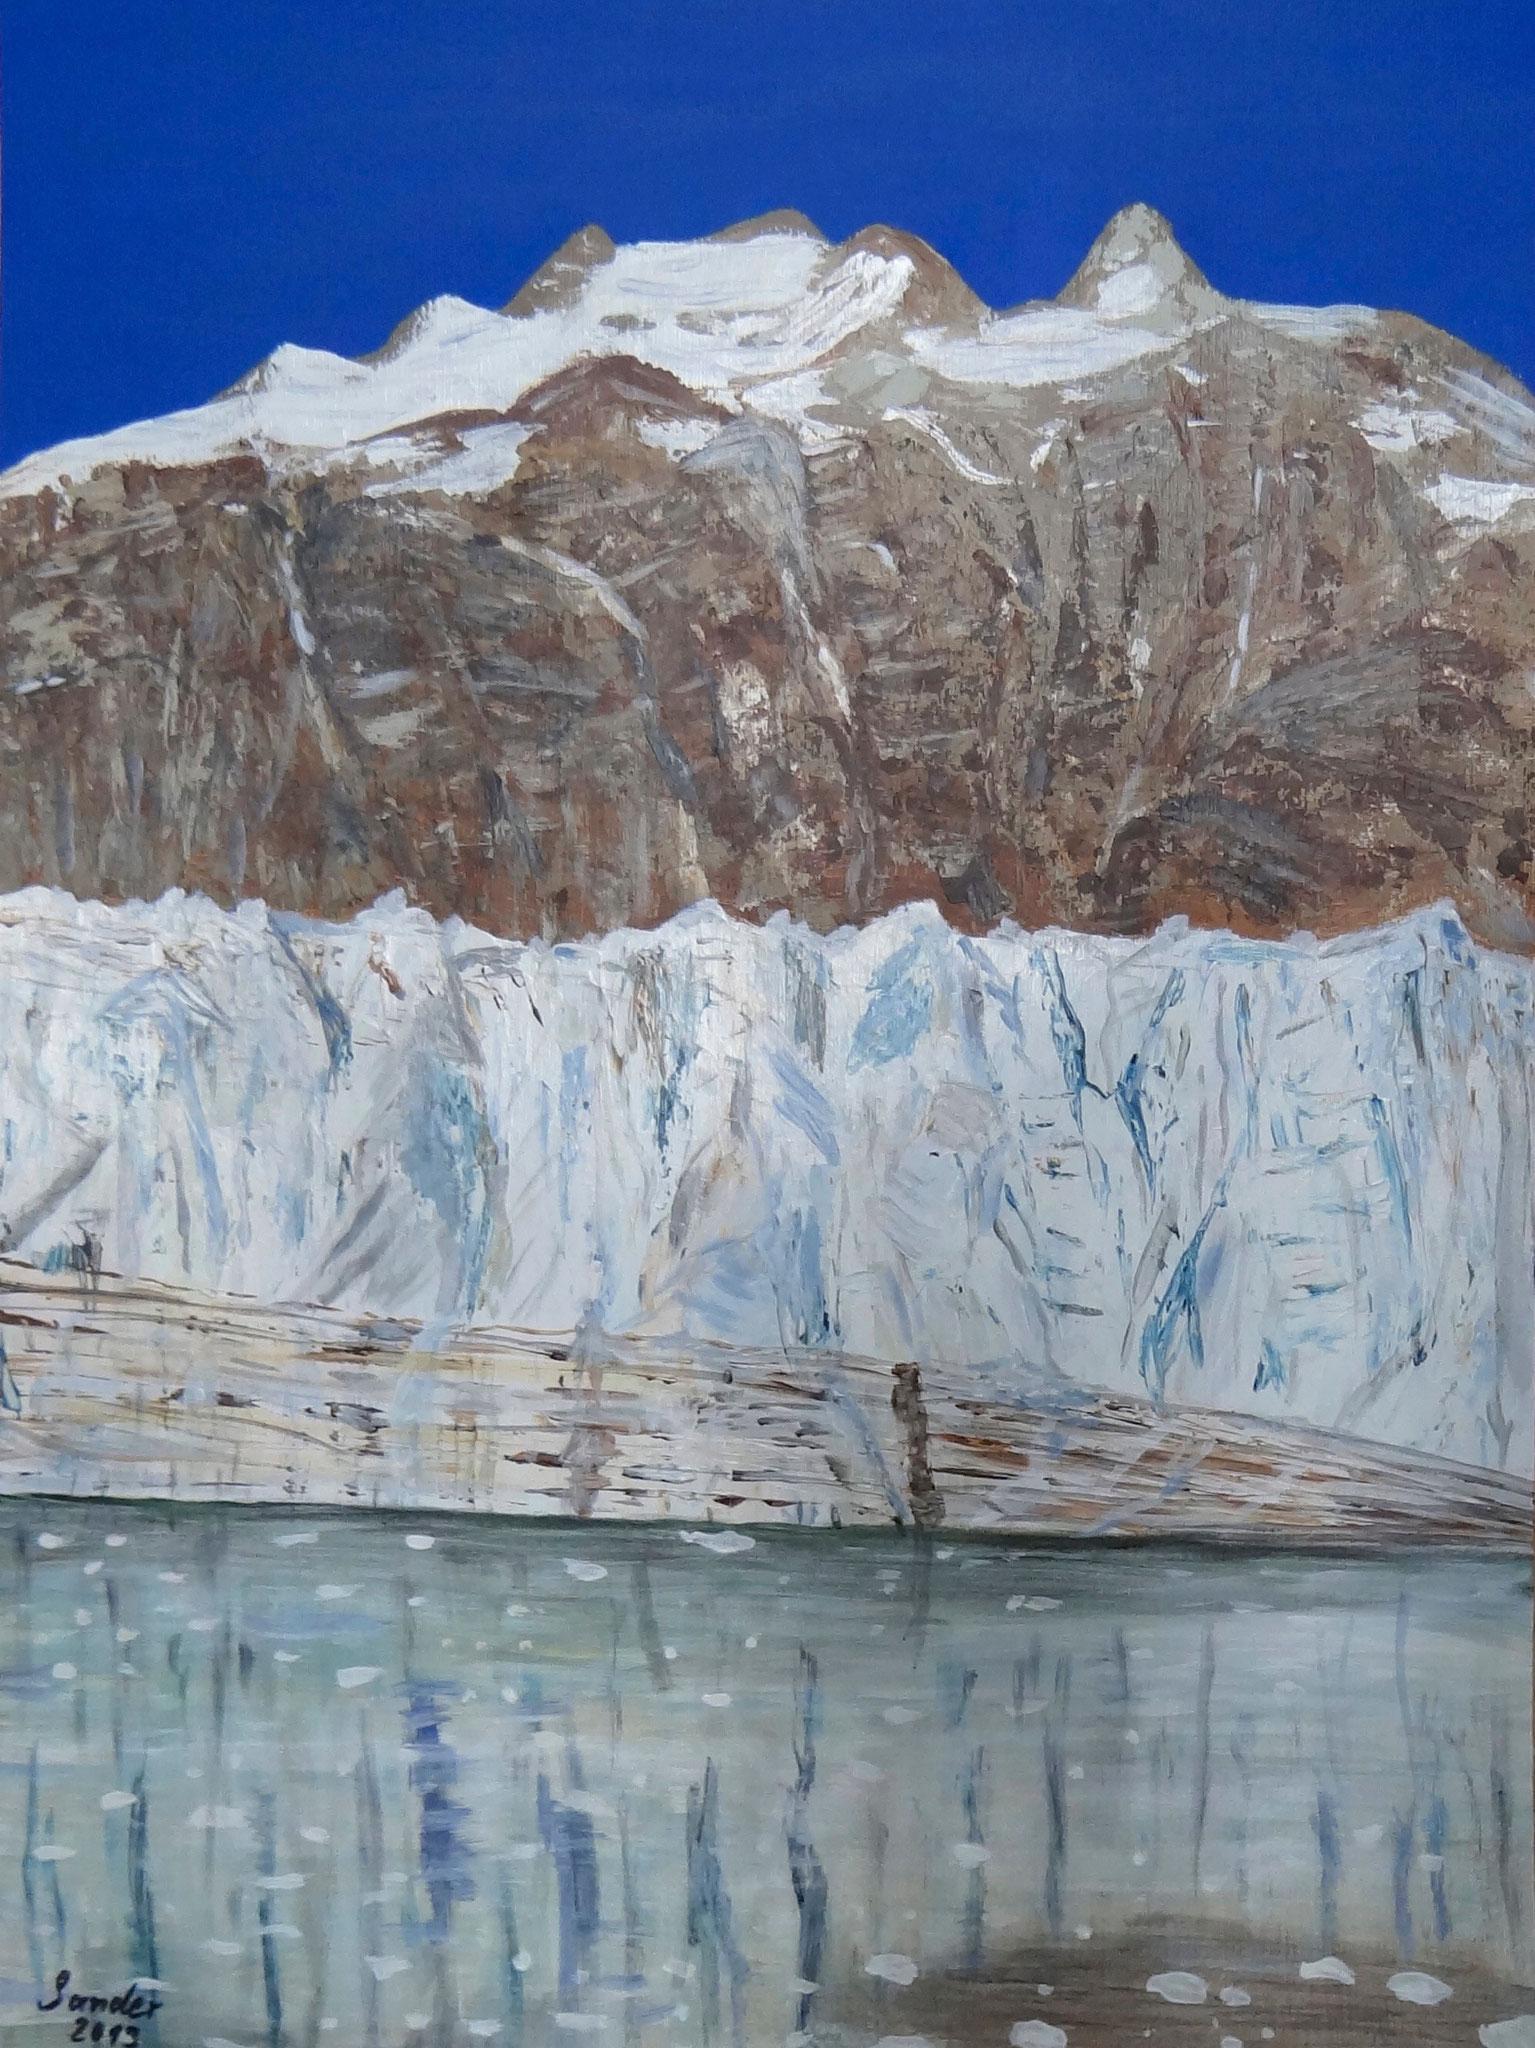 Alaska 4, 70 x 50 cm, Acrylfarben auf Papier, signiert und datiert 2013